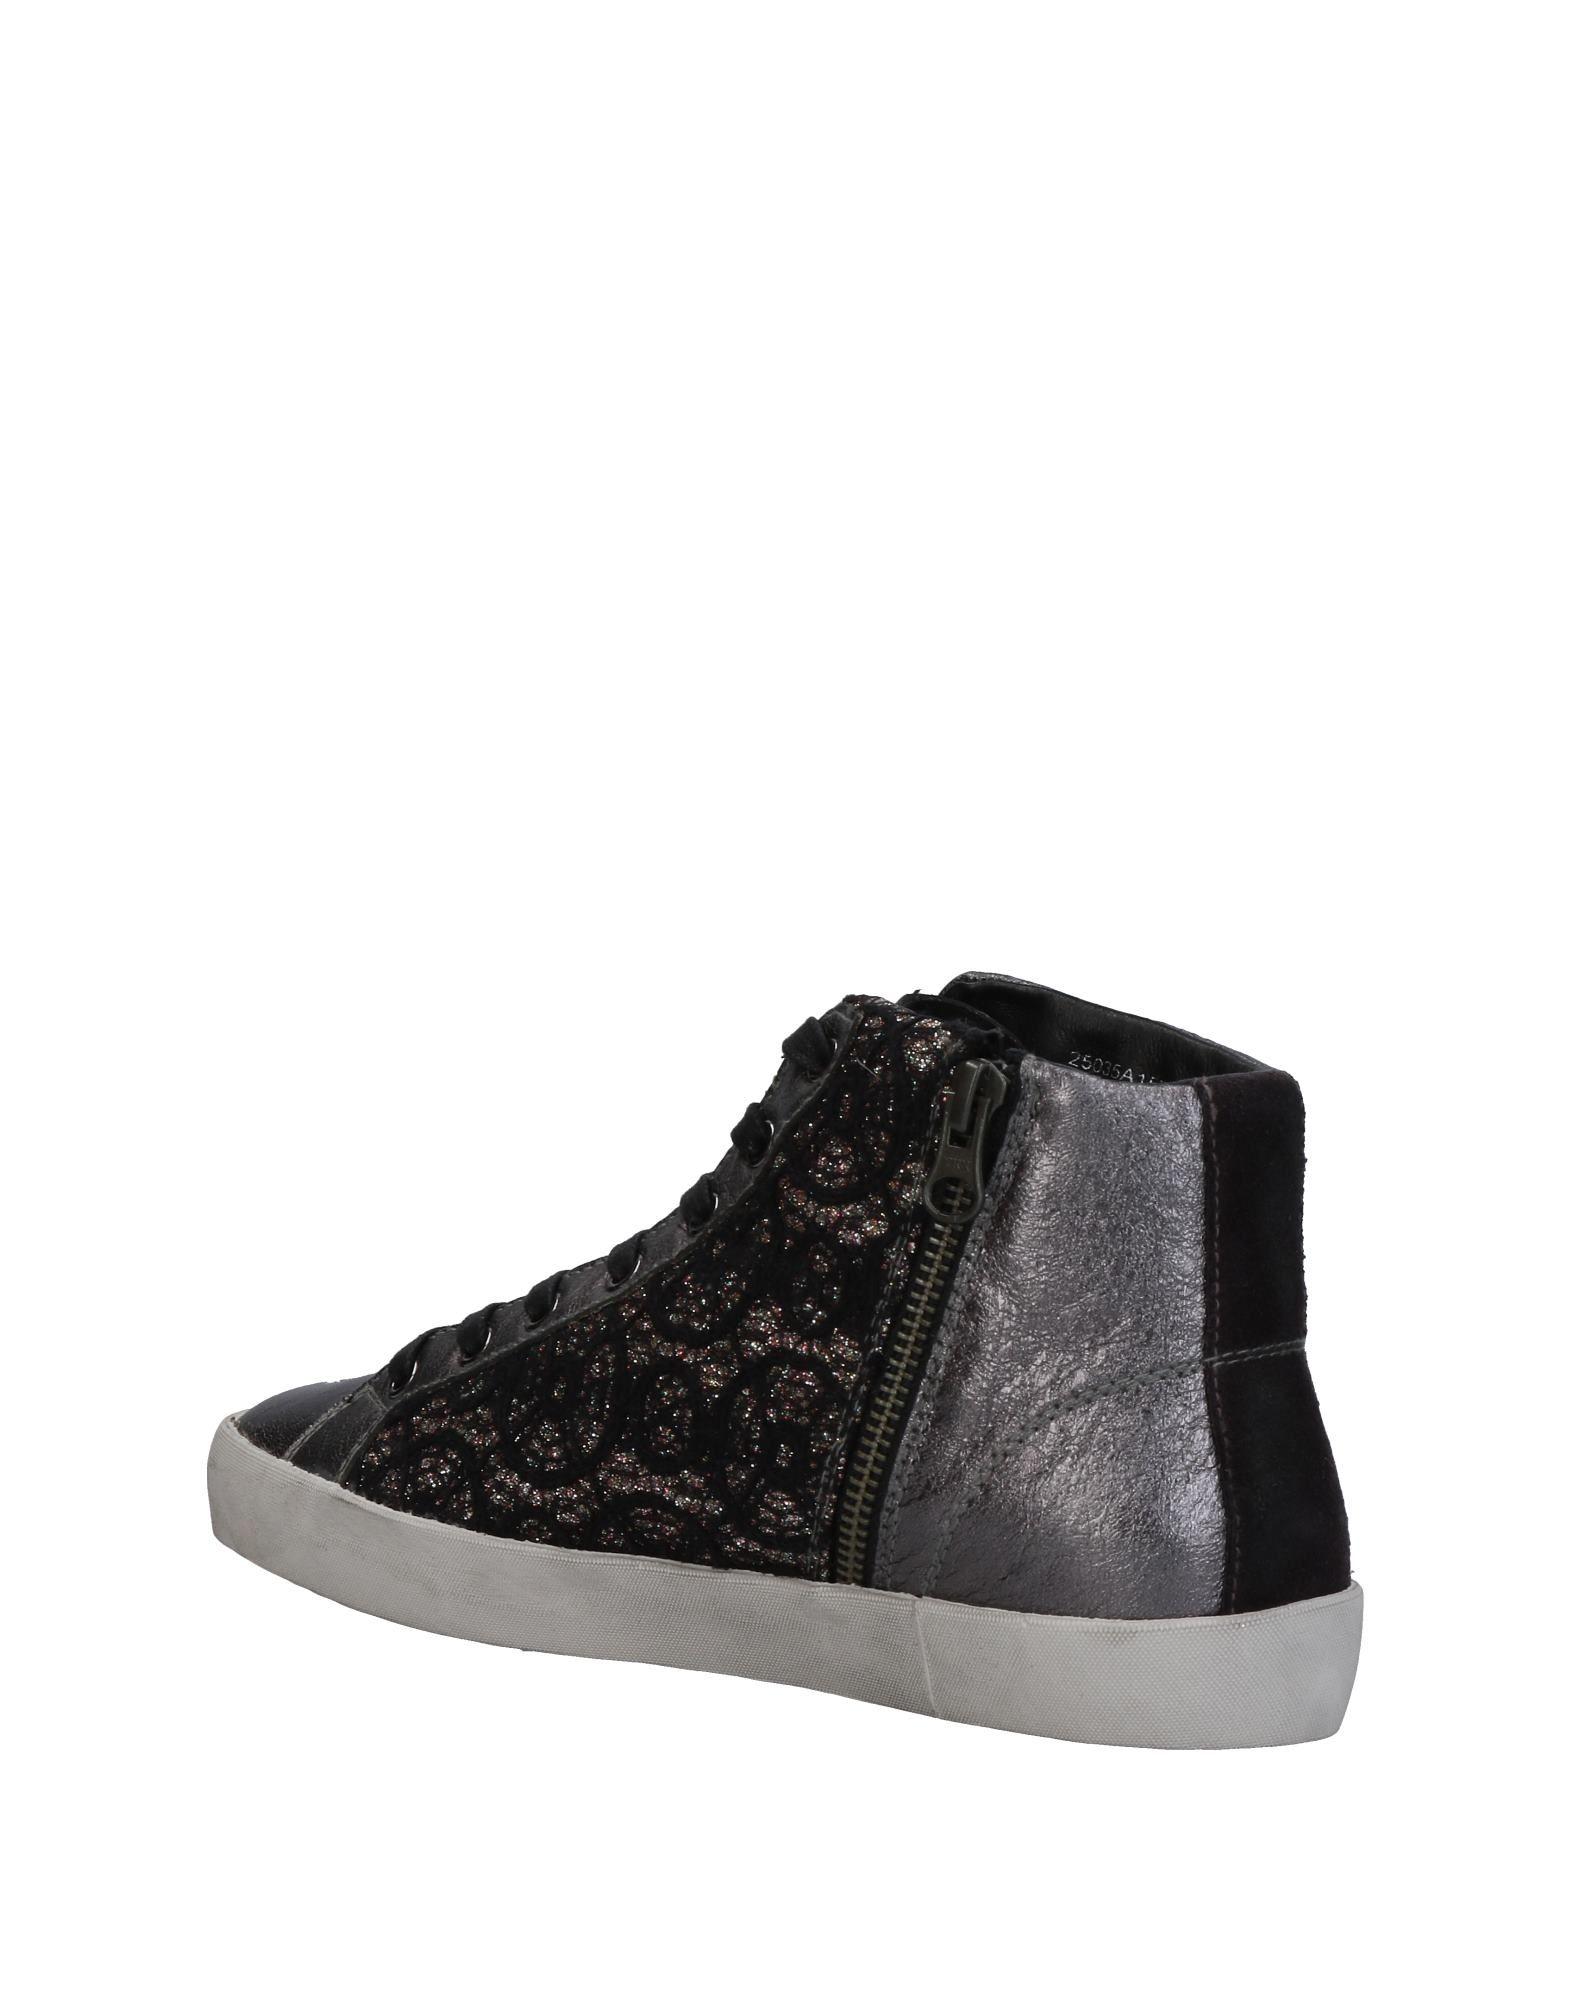 Crime London Sneakers Damen Gute  11456407RC Gute Damen Qualität beliebte Schuhe 364183